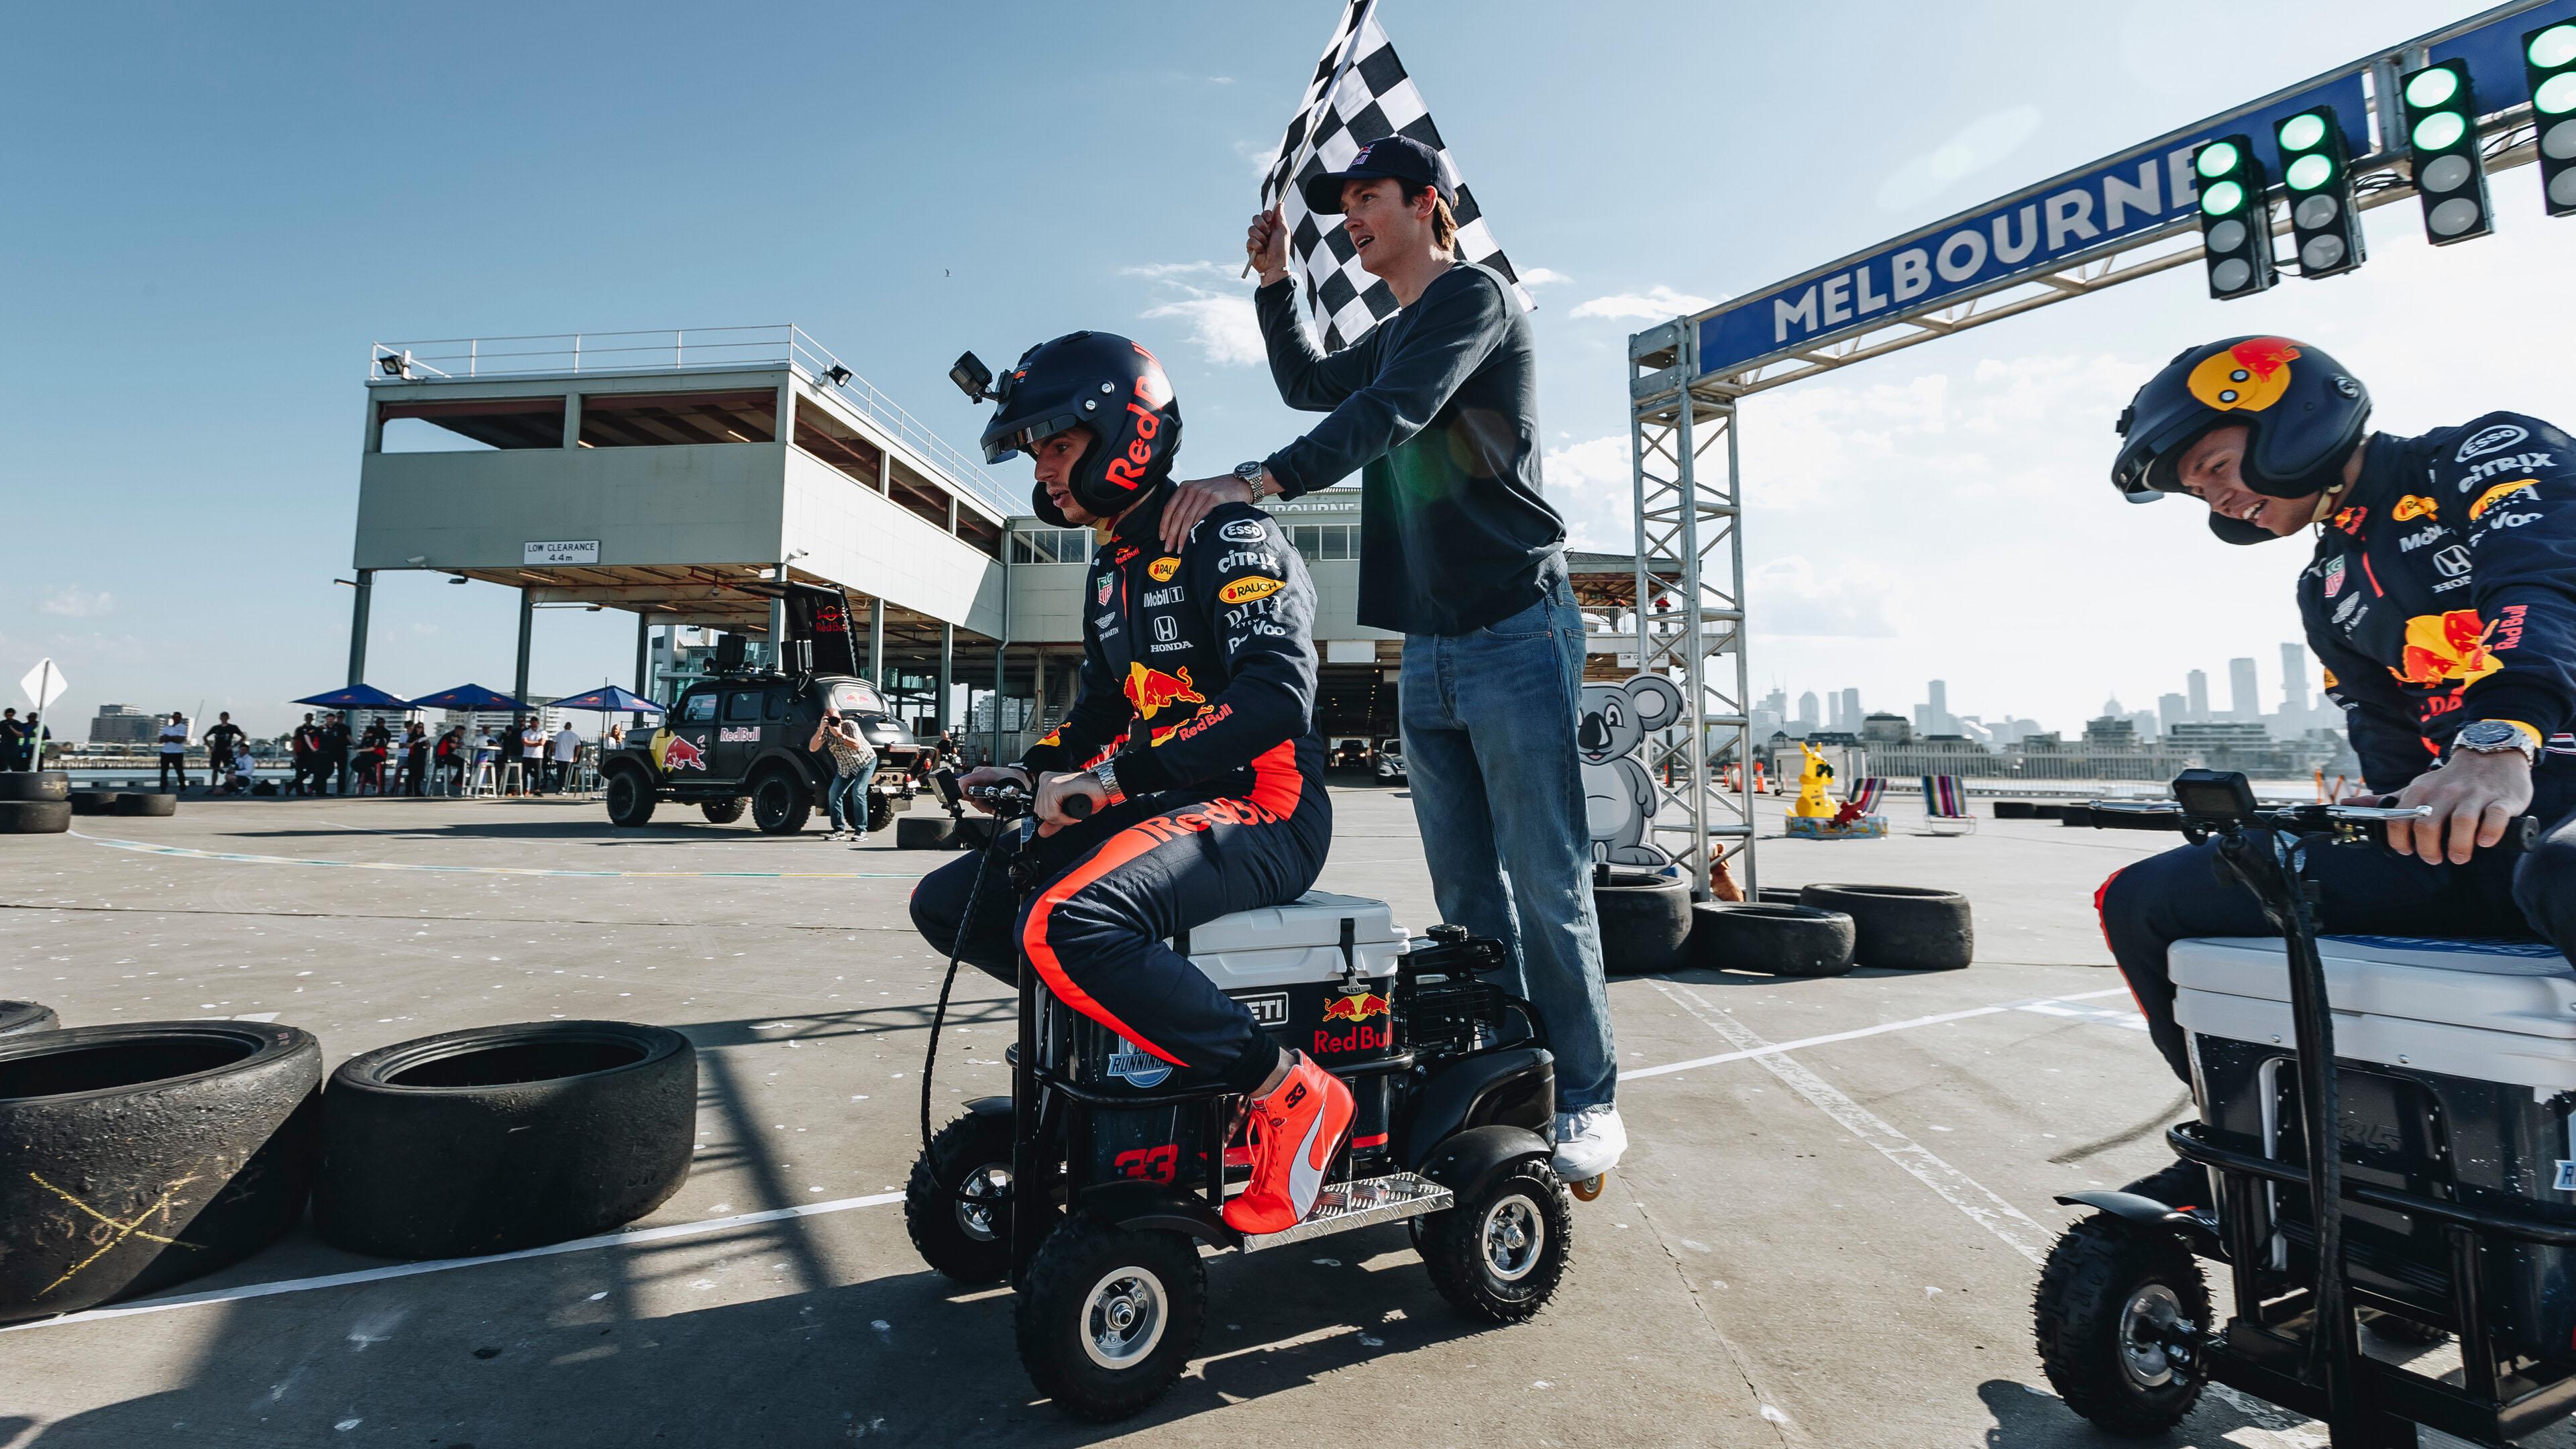 【影】F1 澳洲站取消,Red Bull Racing 車手改用電動冷藏箱閉門競速?